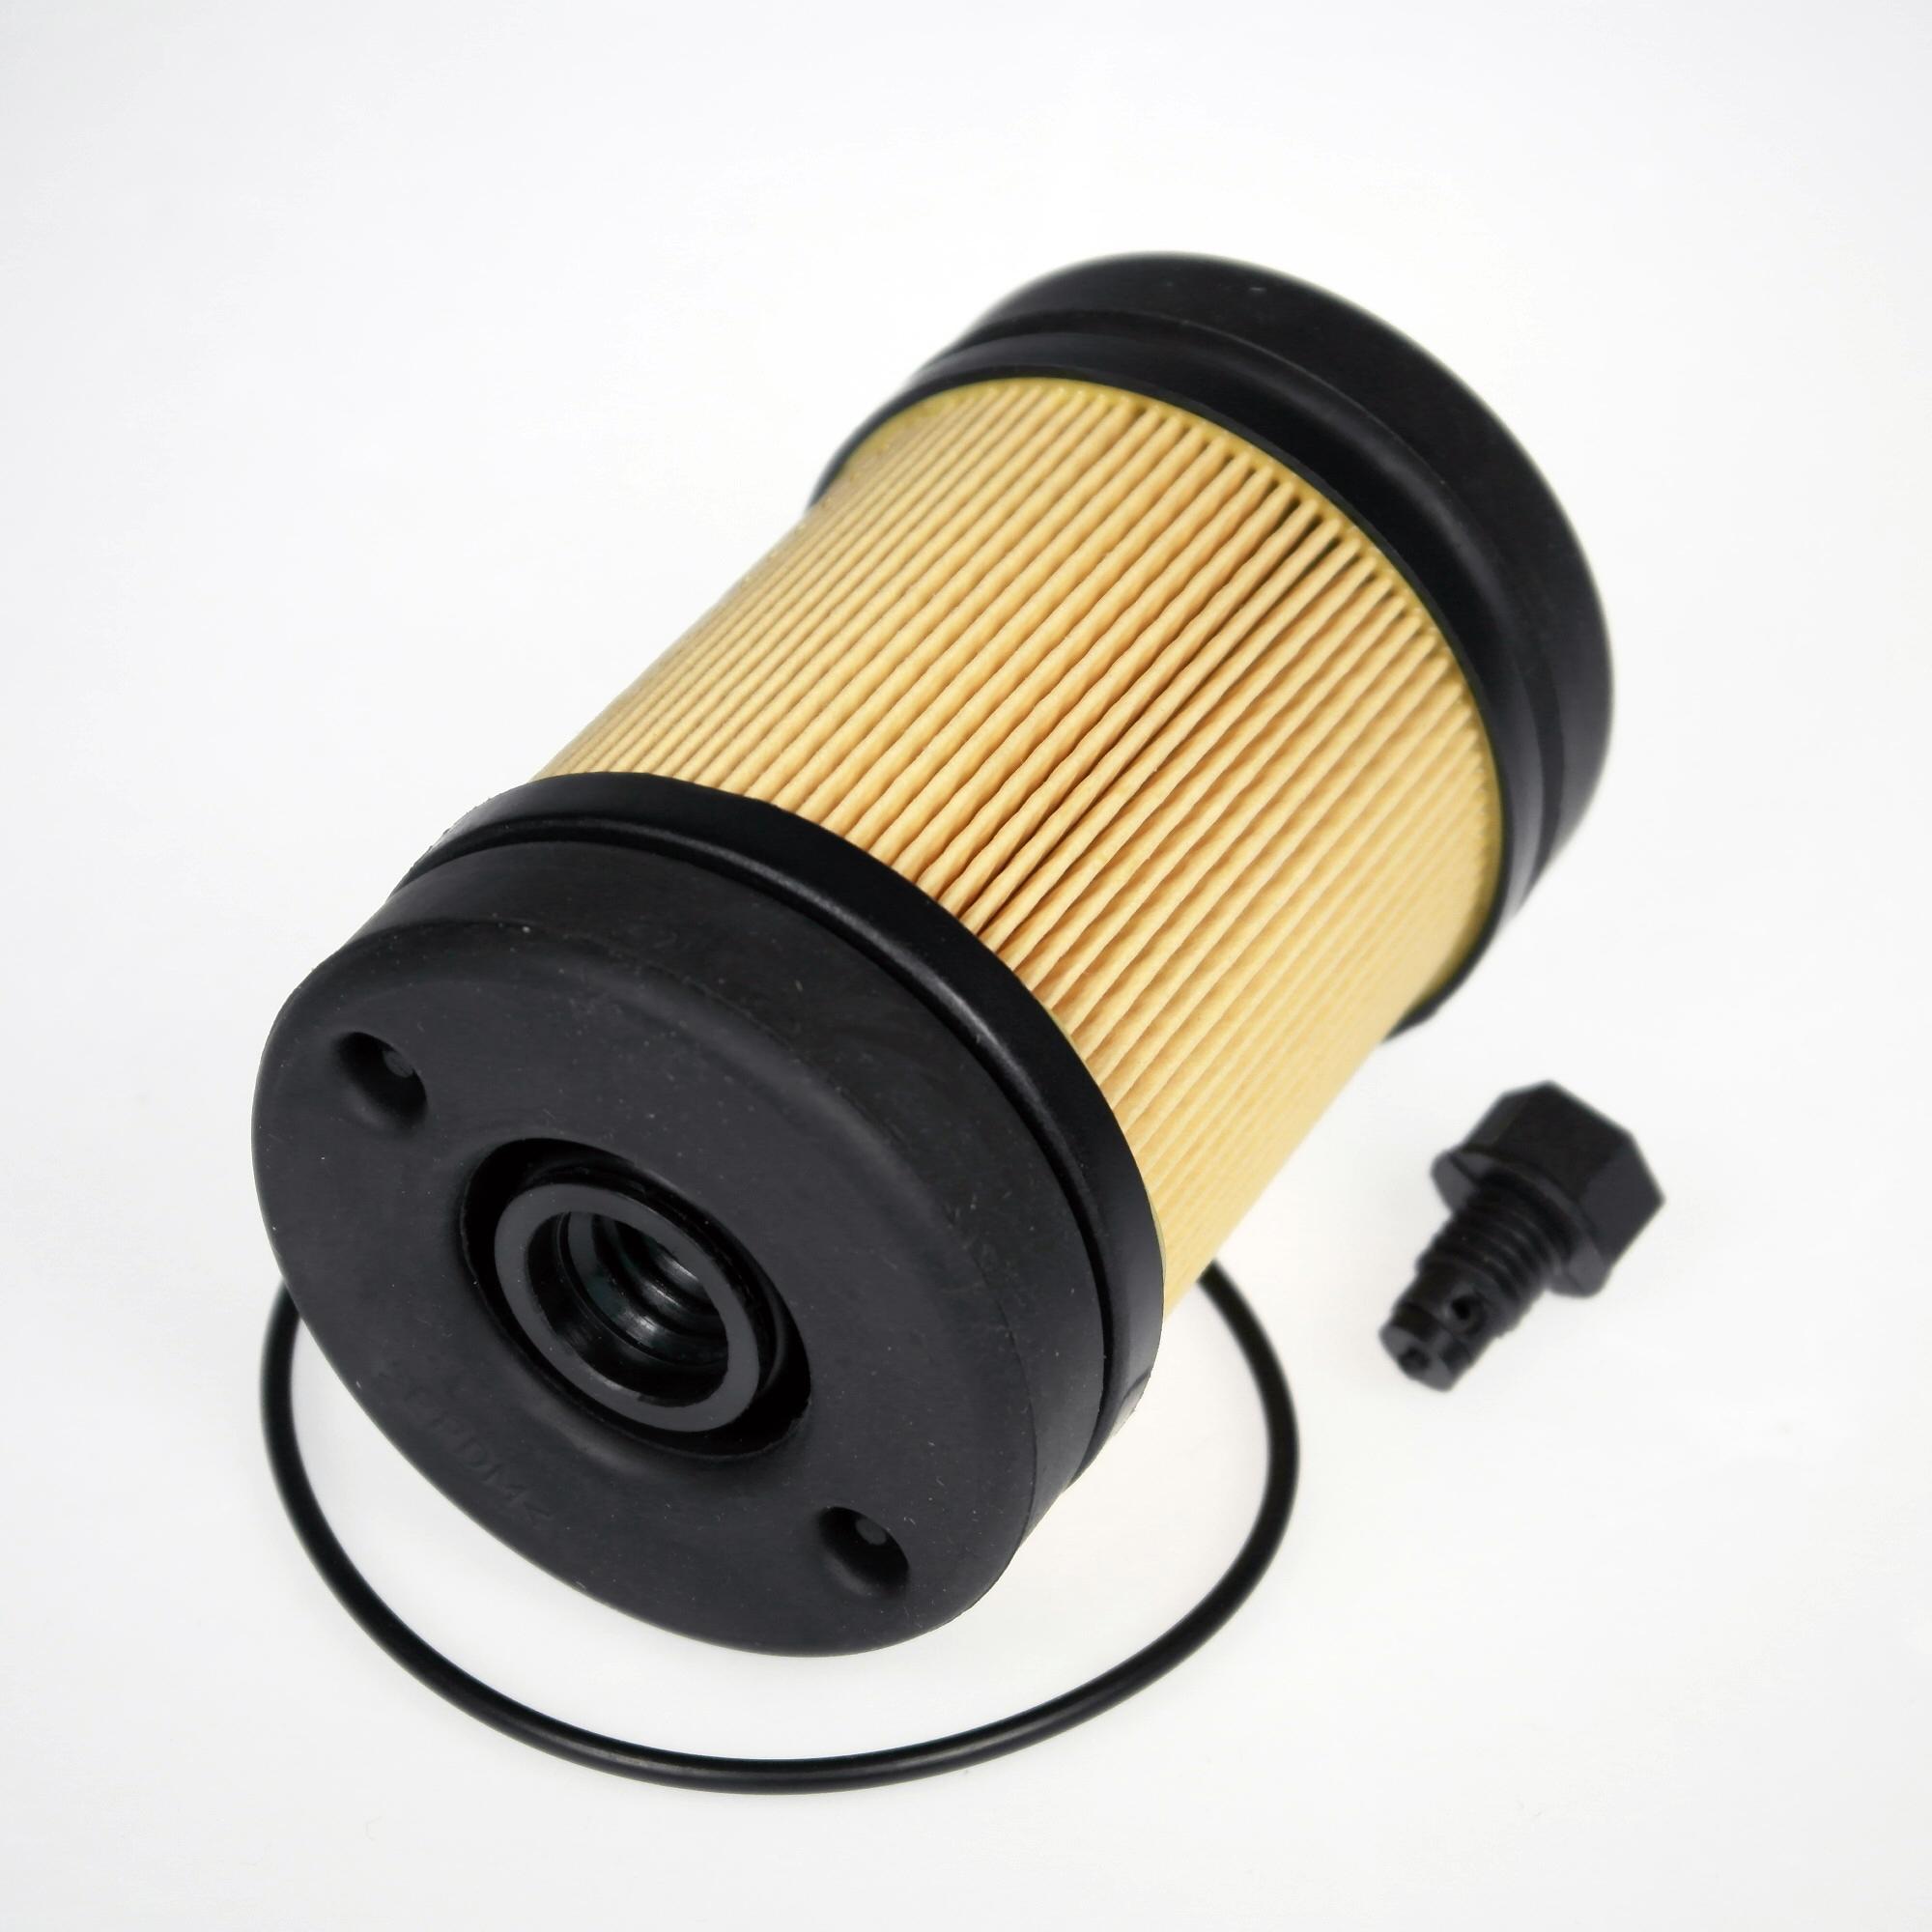 Filter element for AdBlue, item number 59804